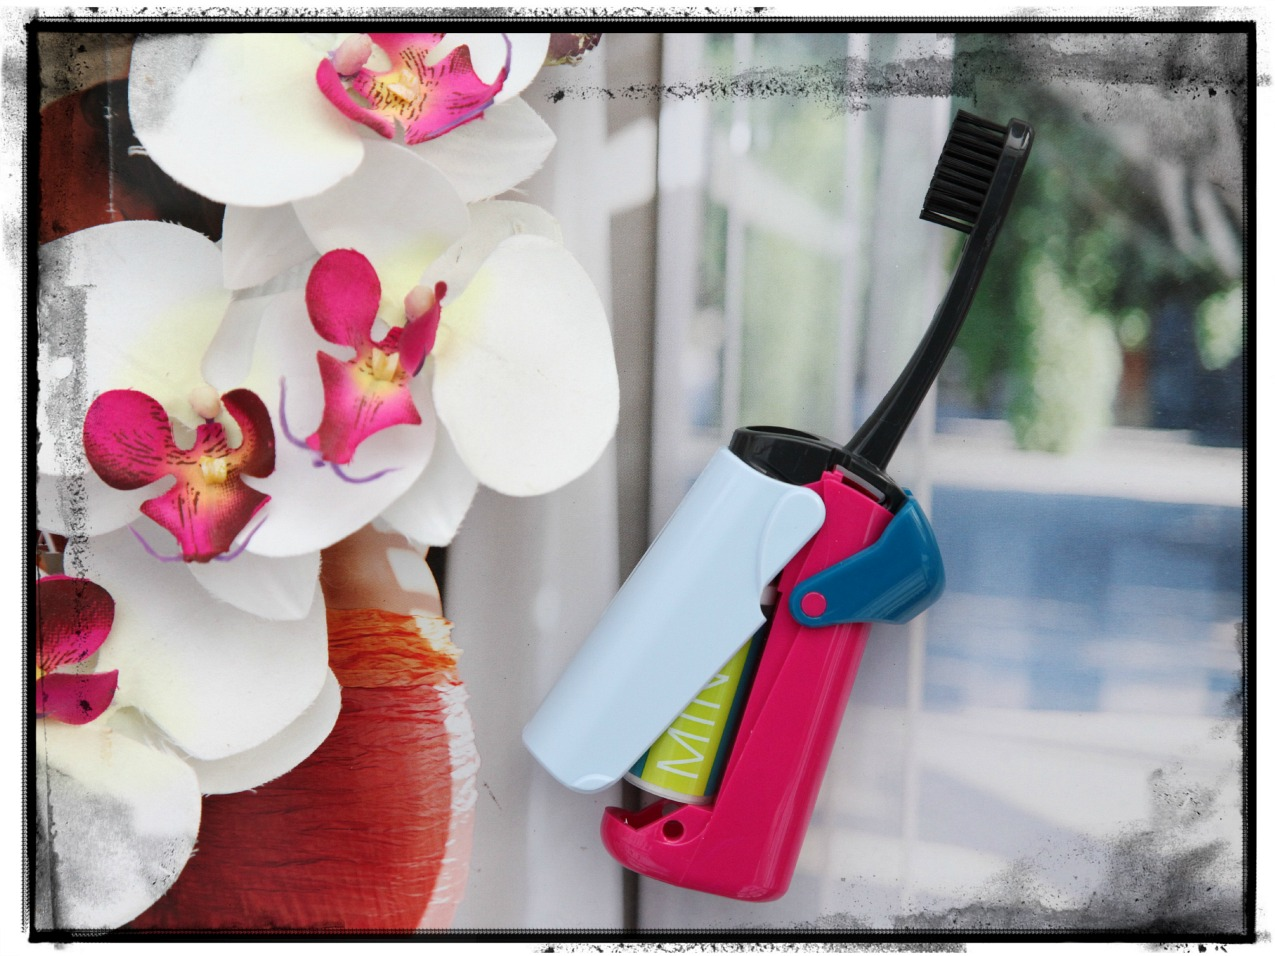 Toothbrush: quando lavarsi i denti (non) è...Banale!, alessia milanese, thechilicool, fashion blog, fashion blogger